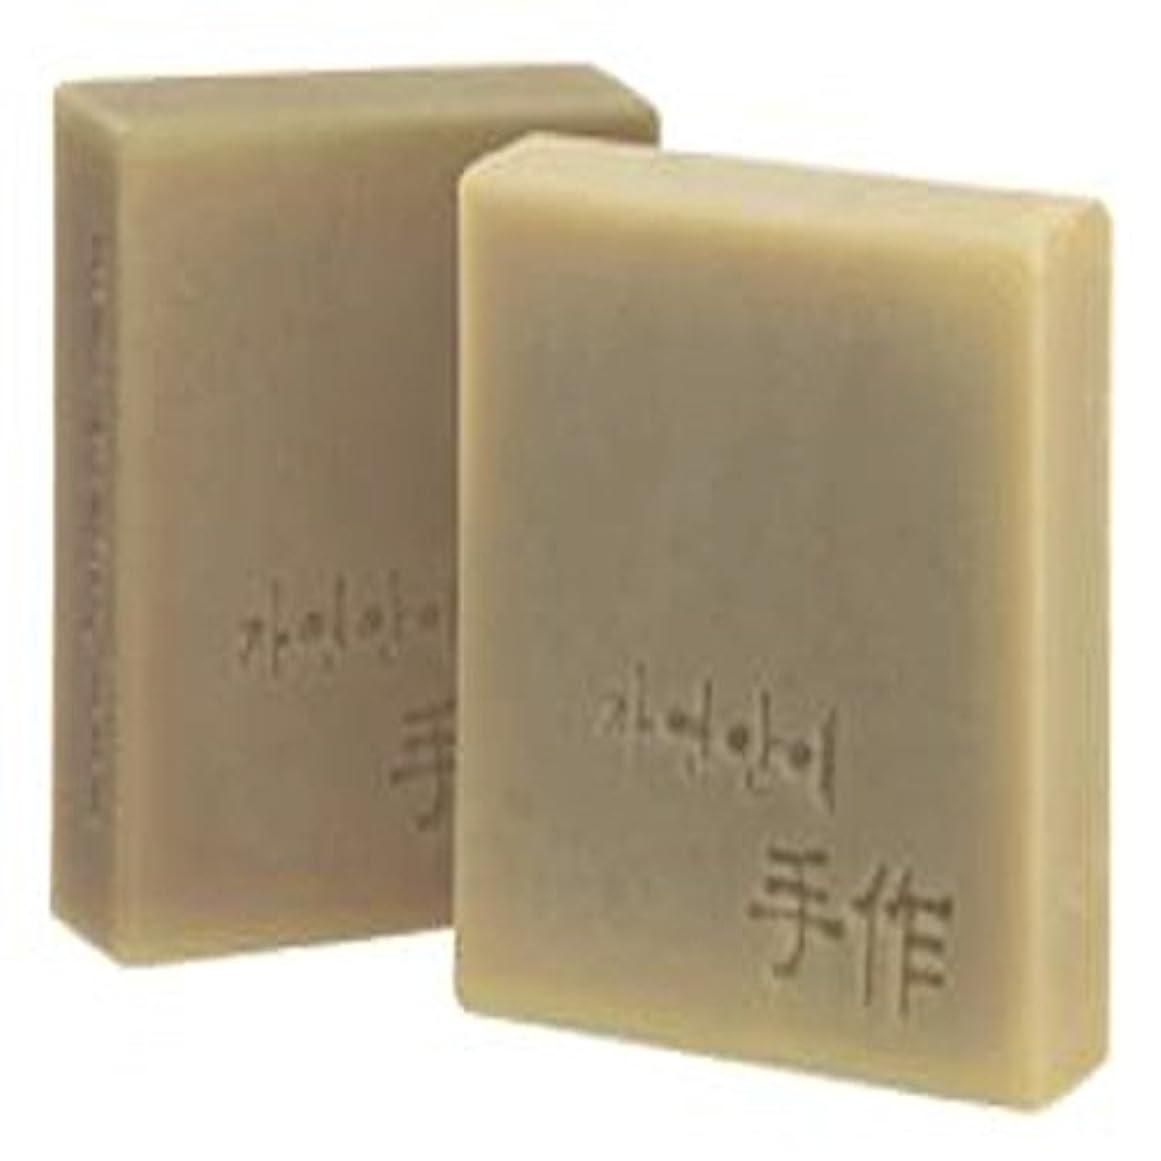 快適買い物に行くうんNatural organic 有機天然ソープ 固形 無添加 洗顔せっけん [並行輸入品] (SousAre)